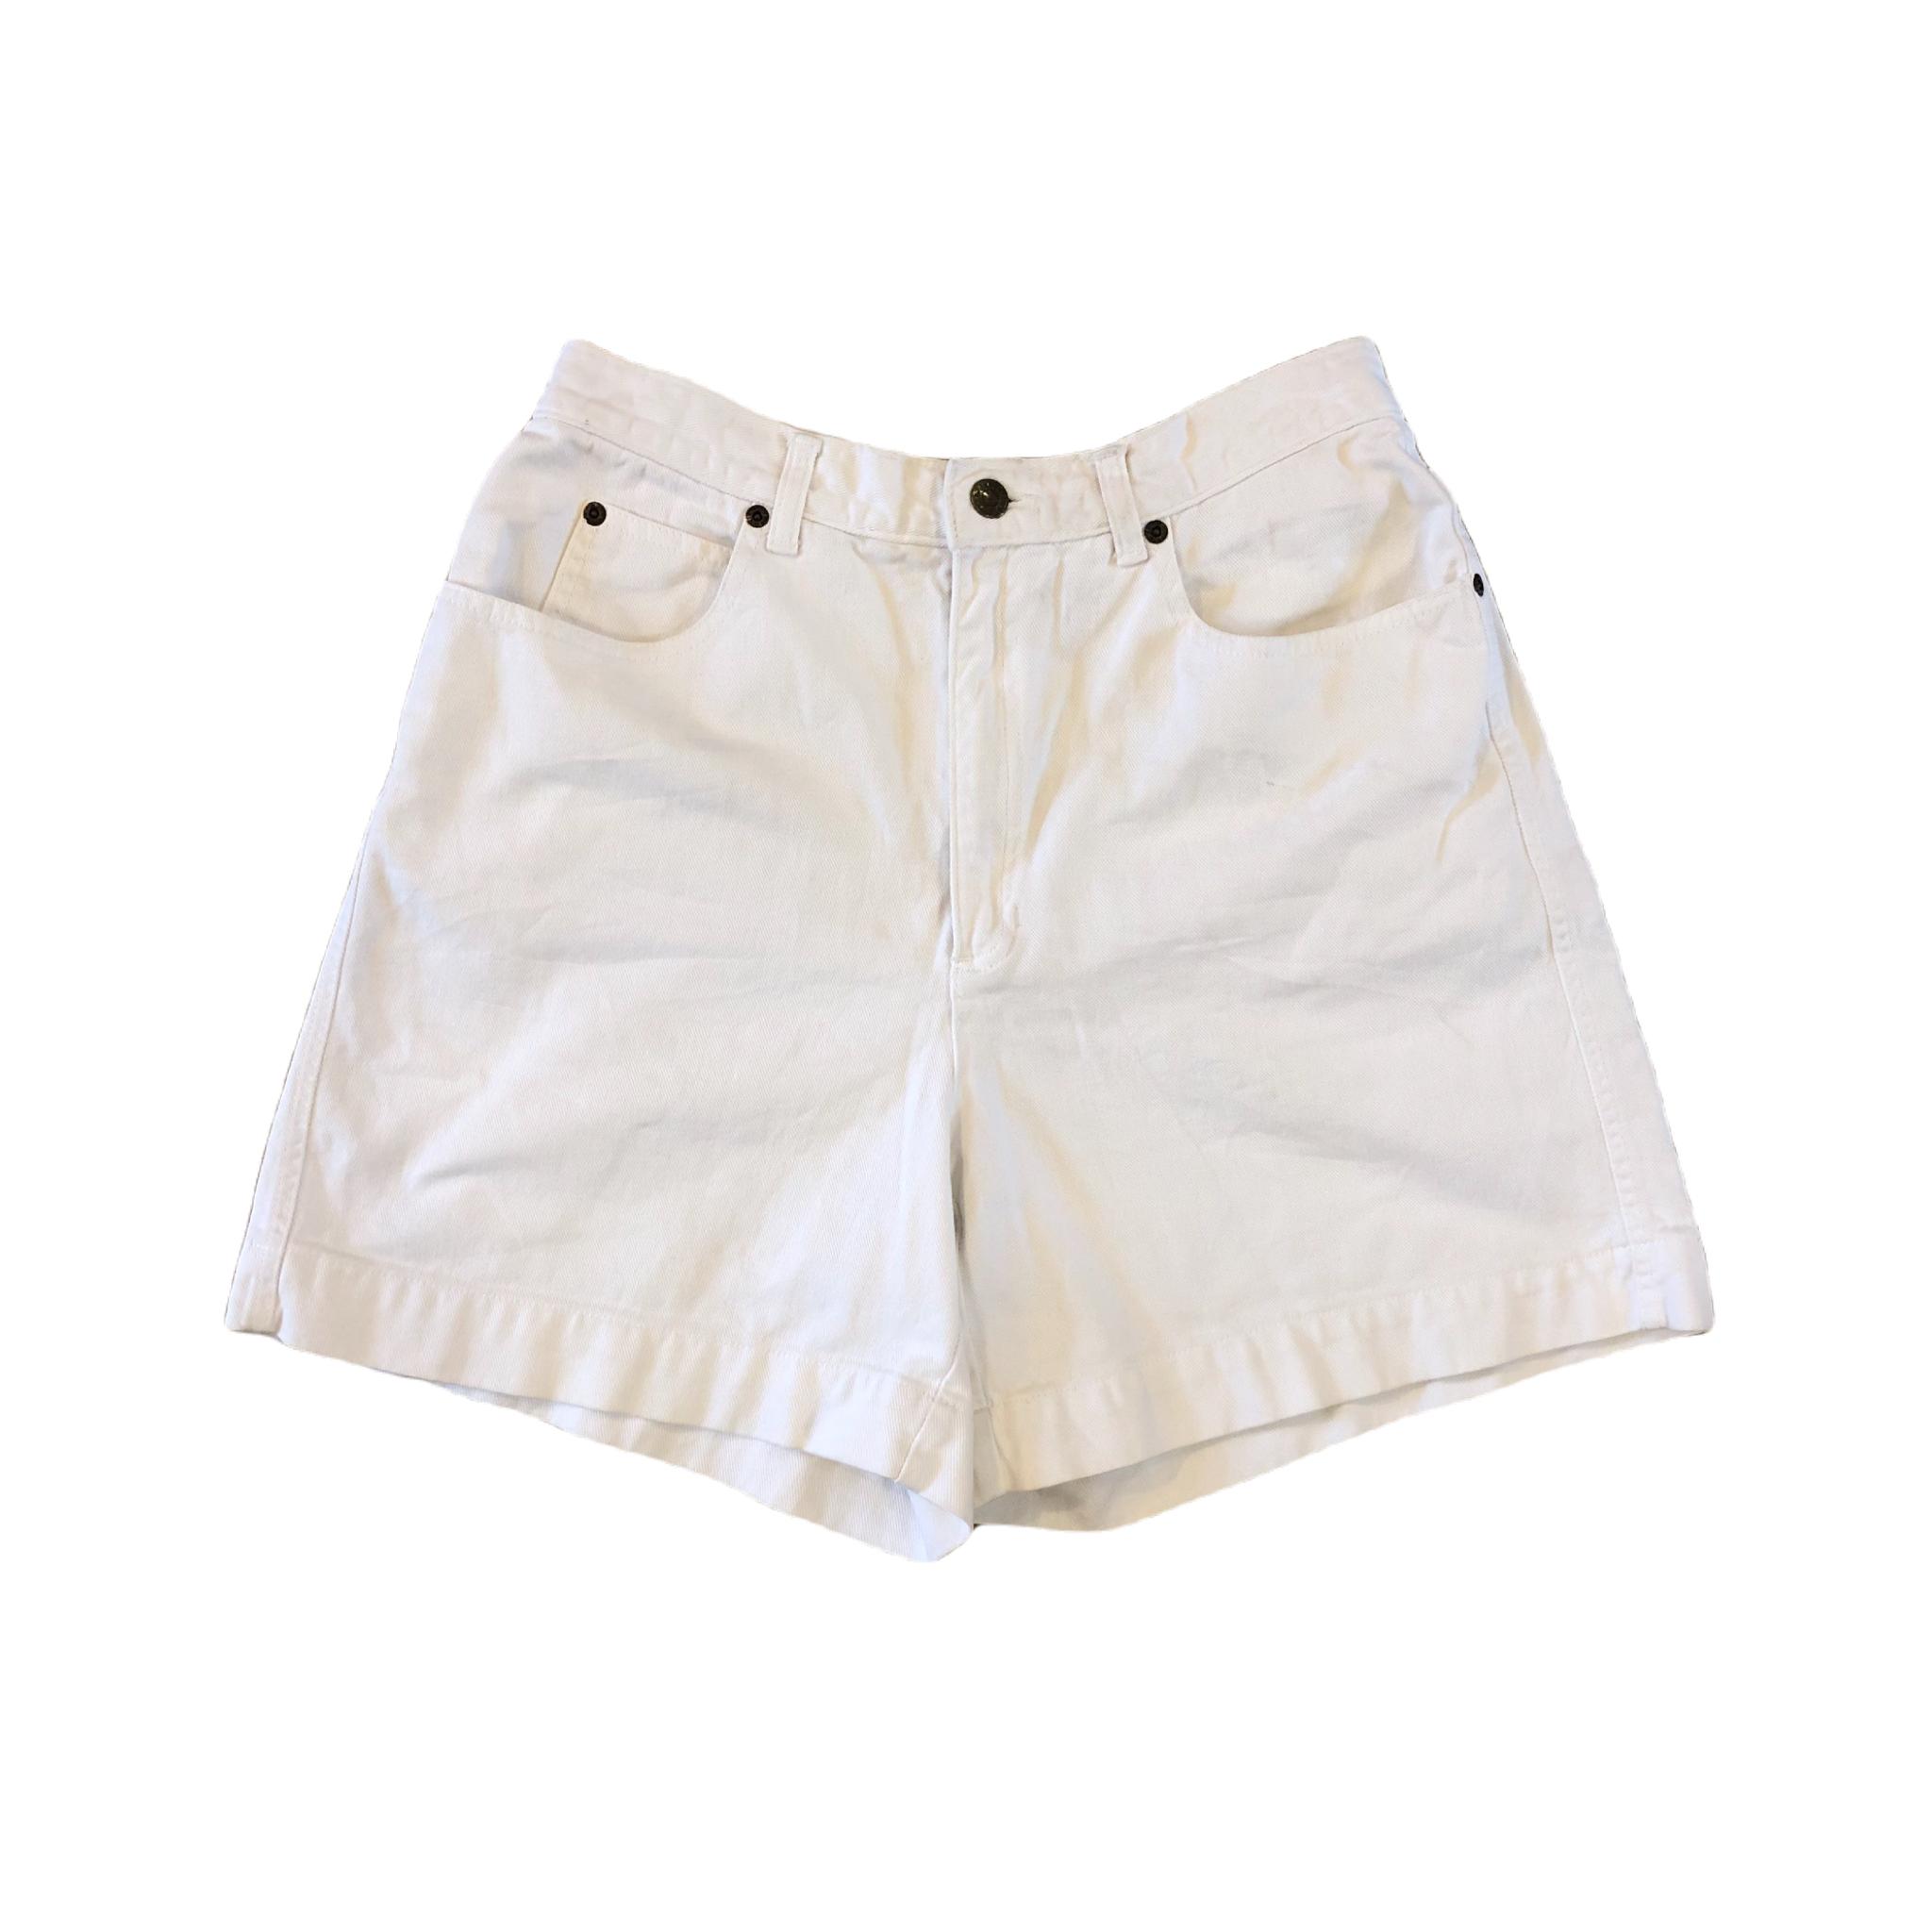 Liz Claiborne White Short Pants ¥5,300+tax